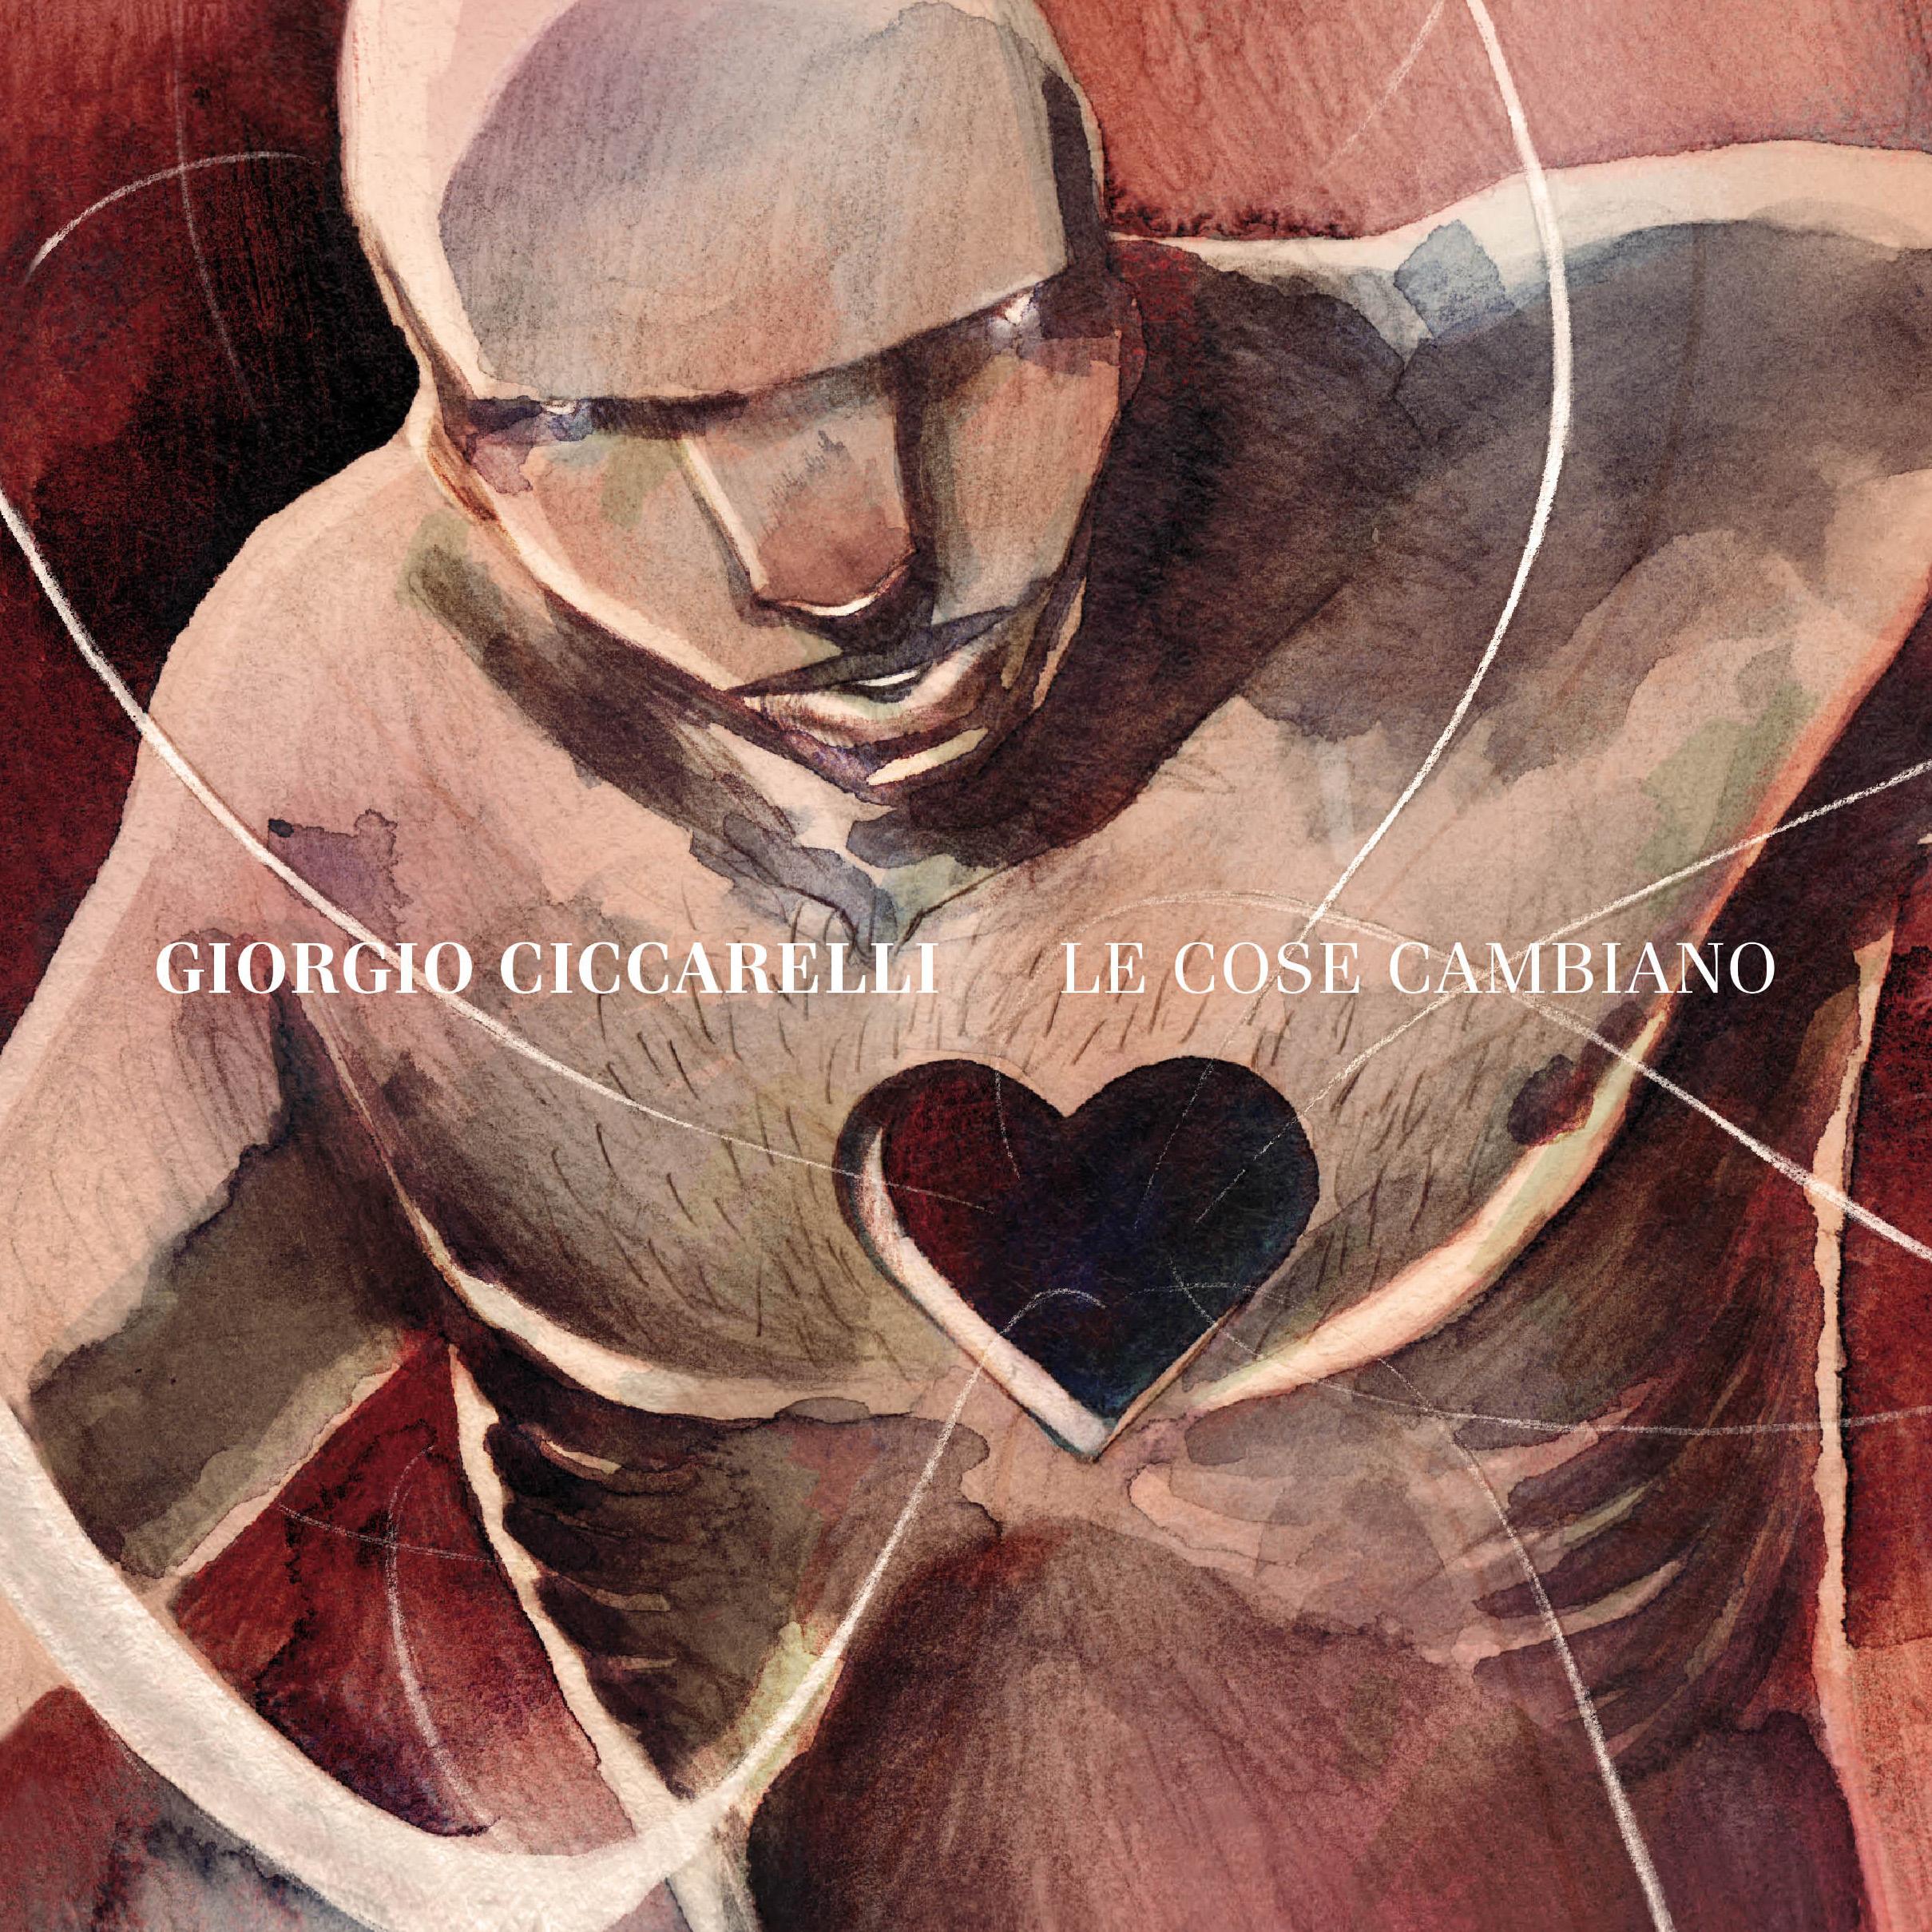 Giorgio-Ciccarelli-Le-cose-cambiano